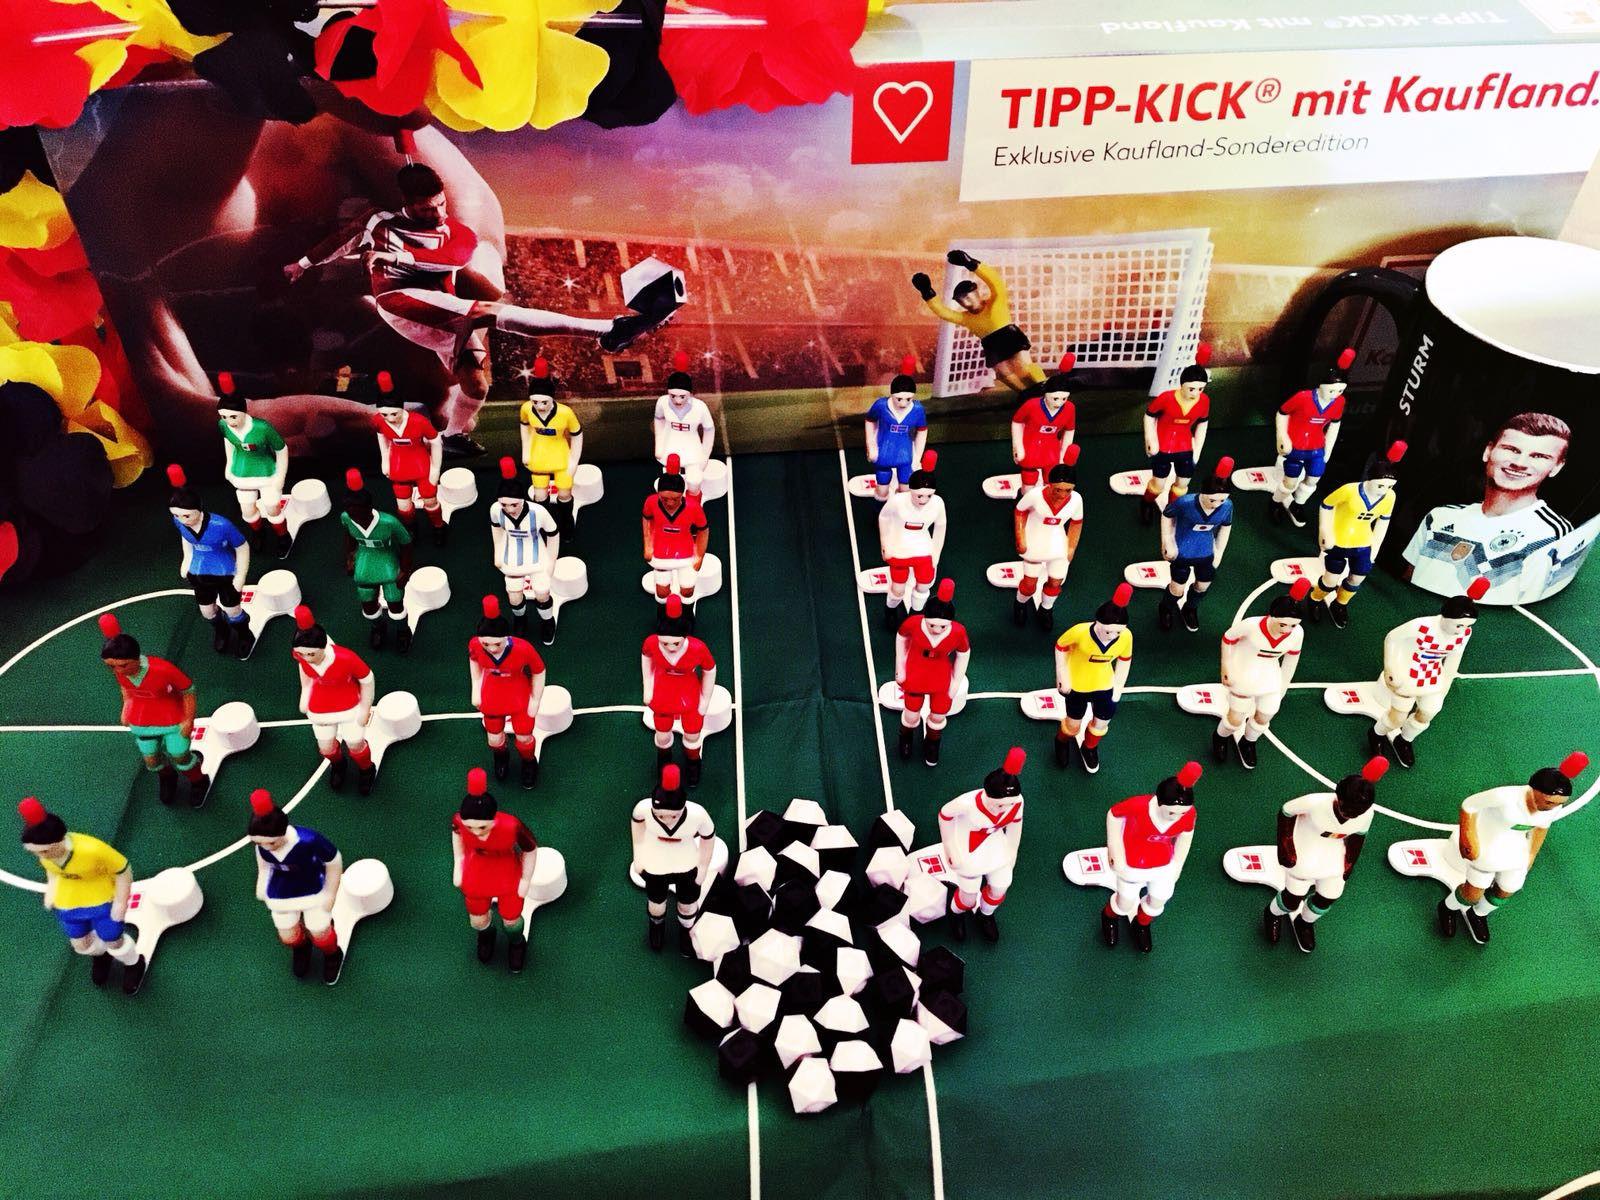 Kompletter 32 Spieler Tipp-Kick Figuren Satz - Kaufland - WM 2018 + Spielfeld